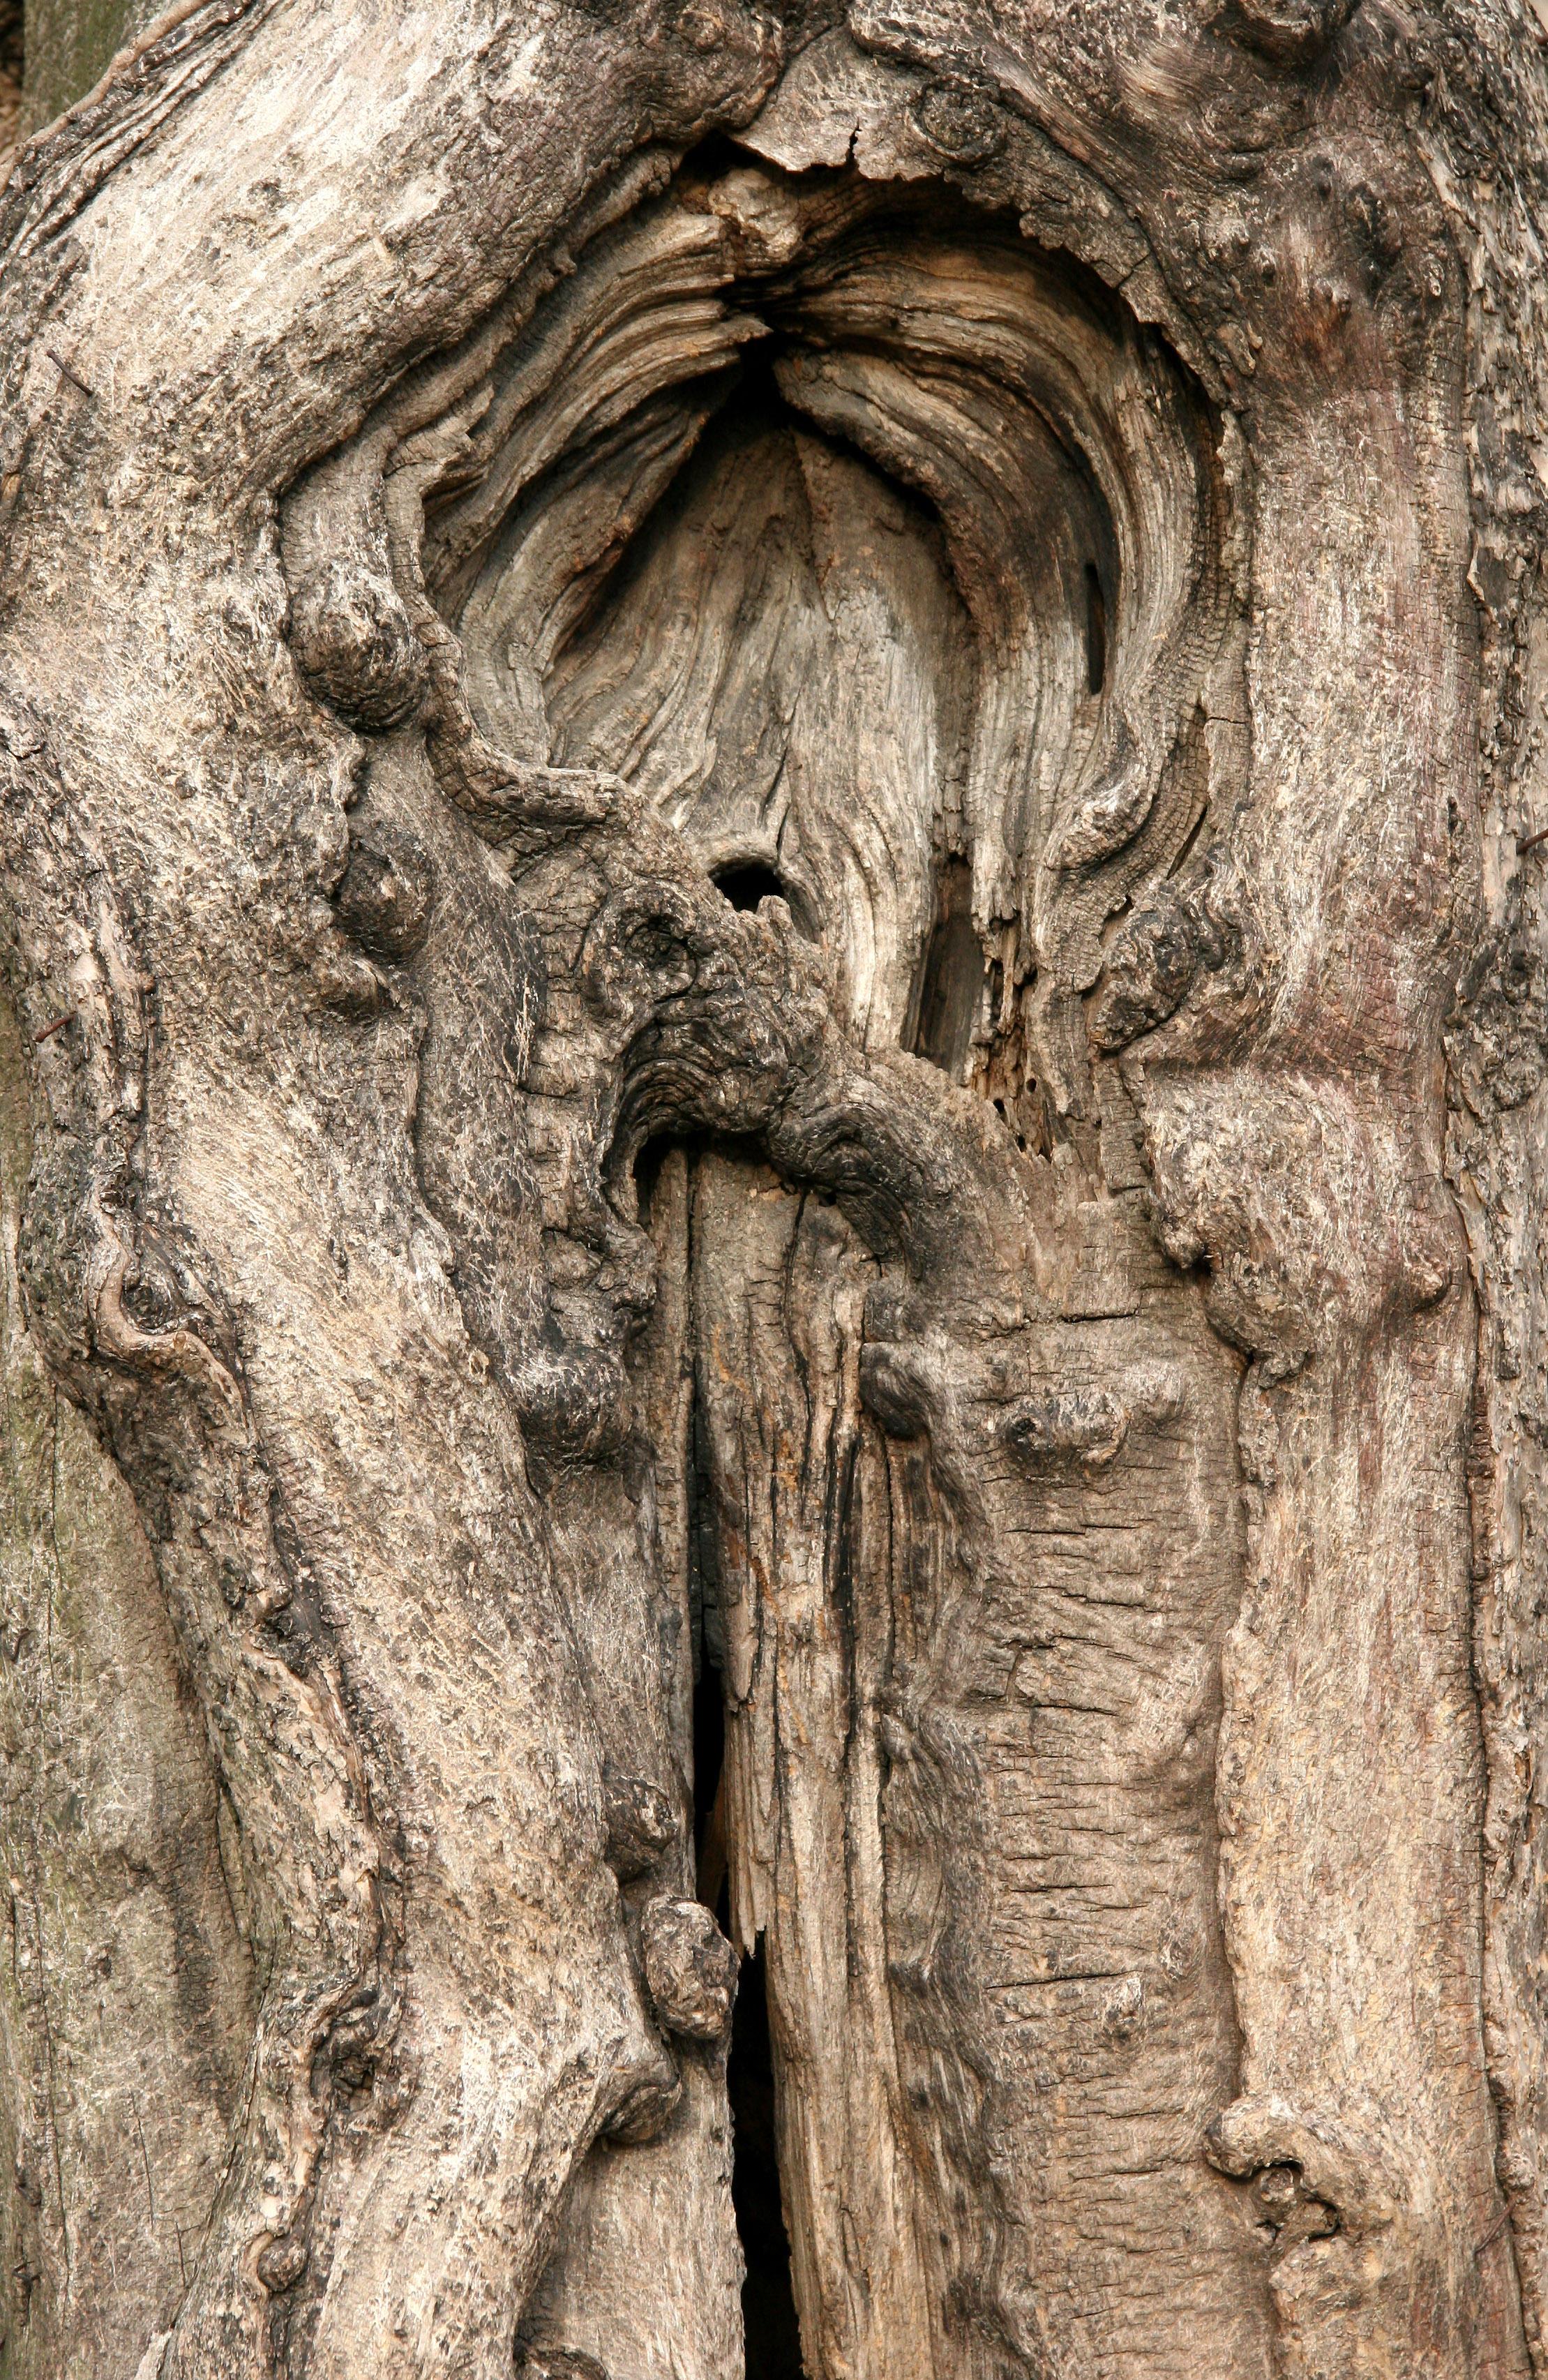 Catalpa Tree Trunk